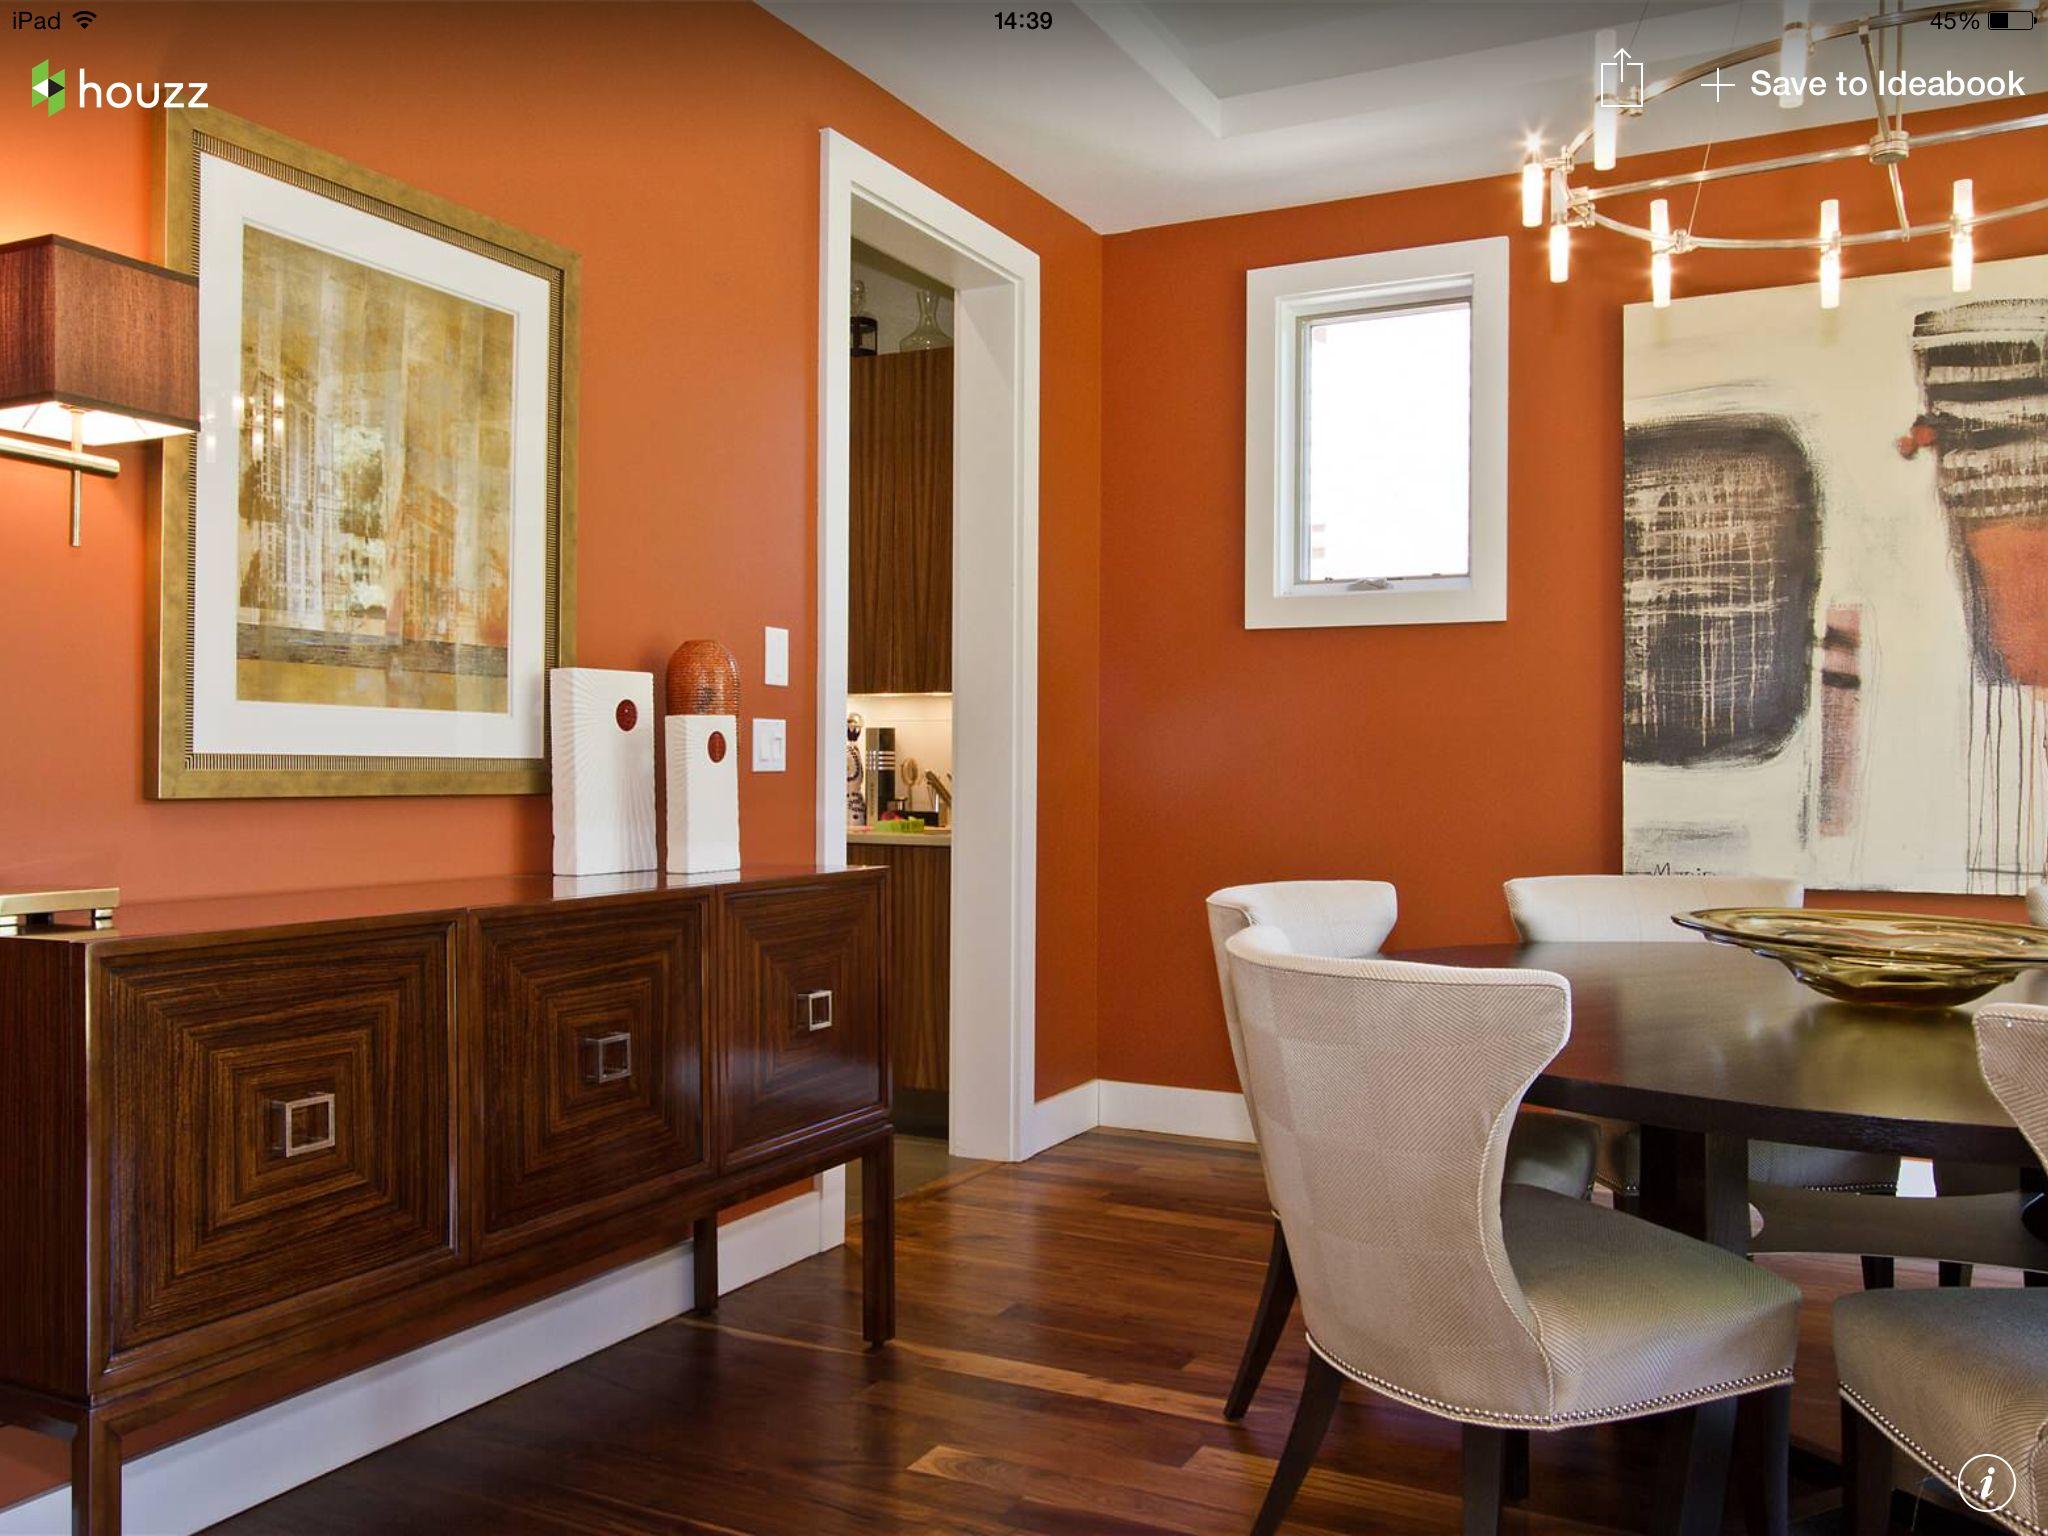 mur de couleur ambiances globales pinterest mur ambiance et couleurs. Black Bedroom Furniture Sets. Home Design Ideas